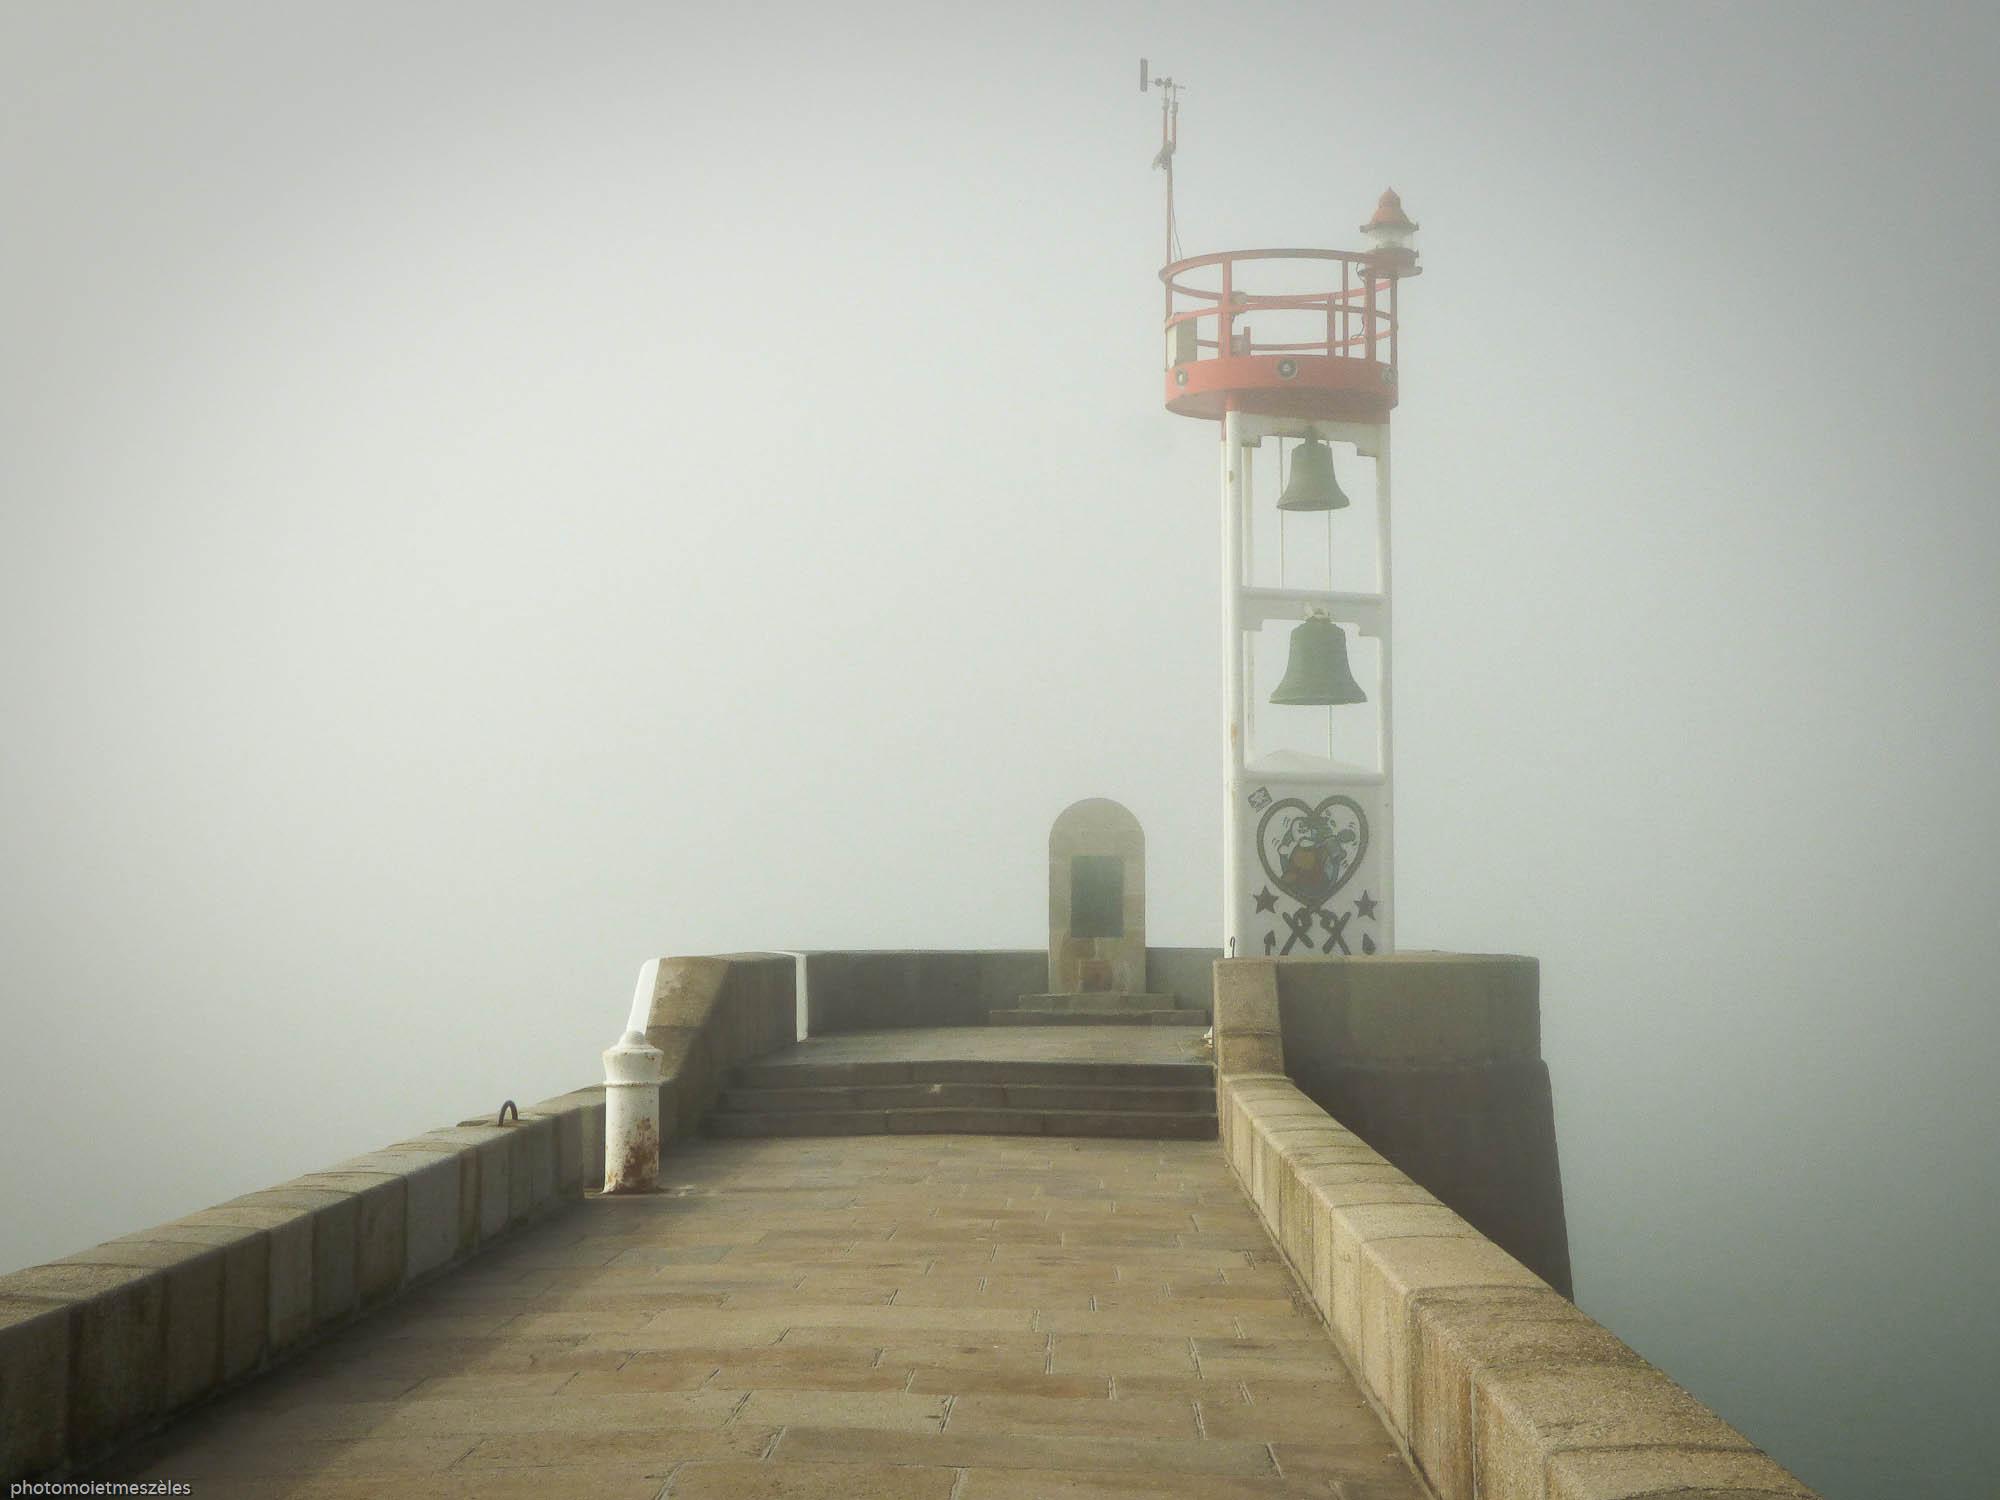 observatoire photographique de la ville du Havre